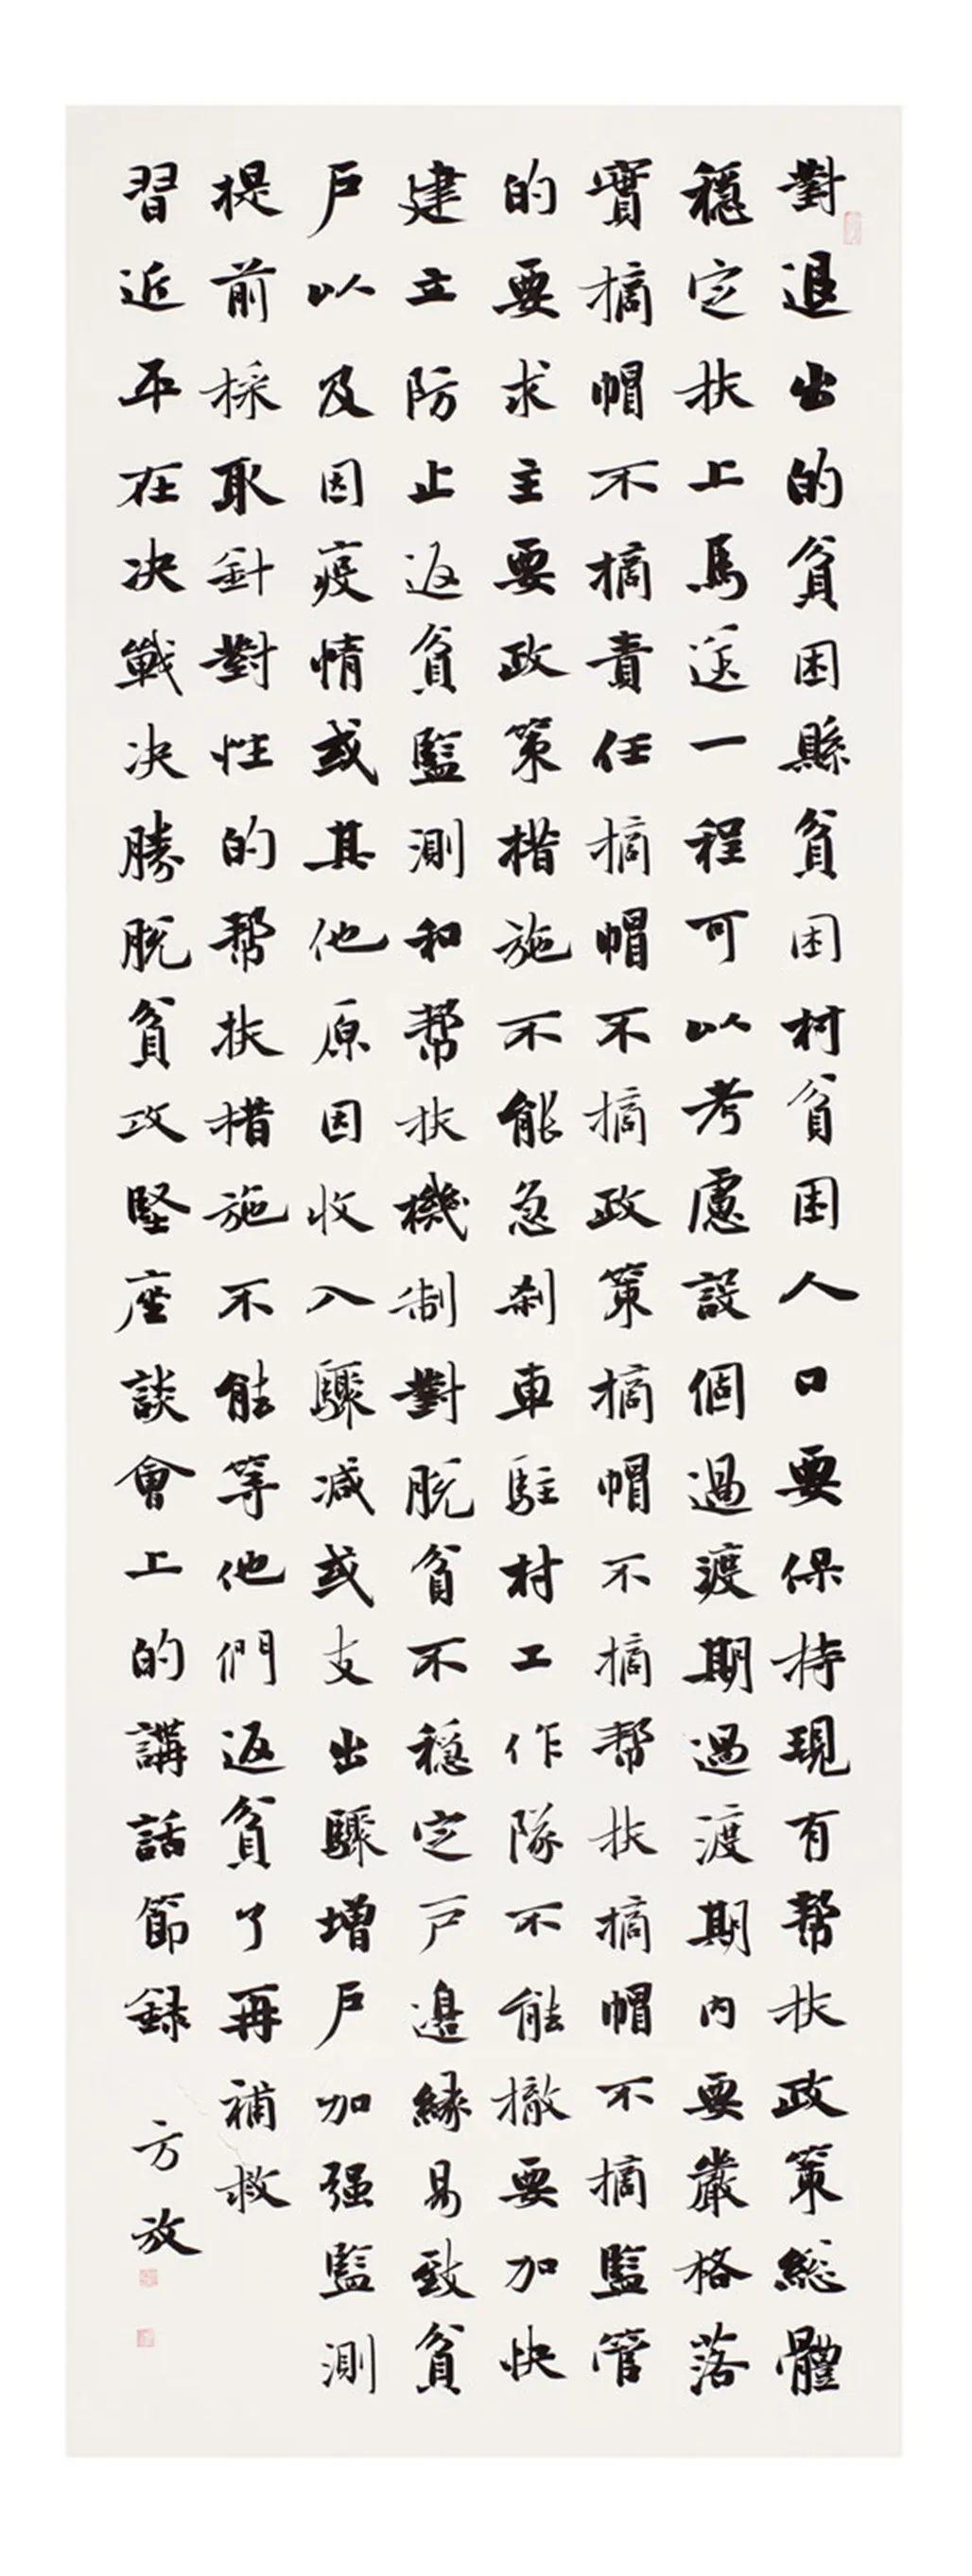 中国力量——全国扶贫书法大展作品 | 第一篇章 :人民至上(图50)